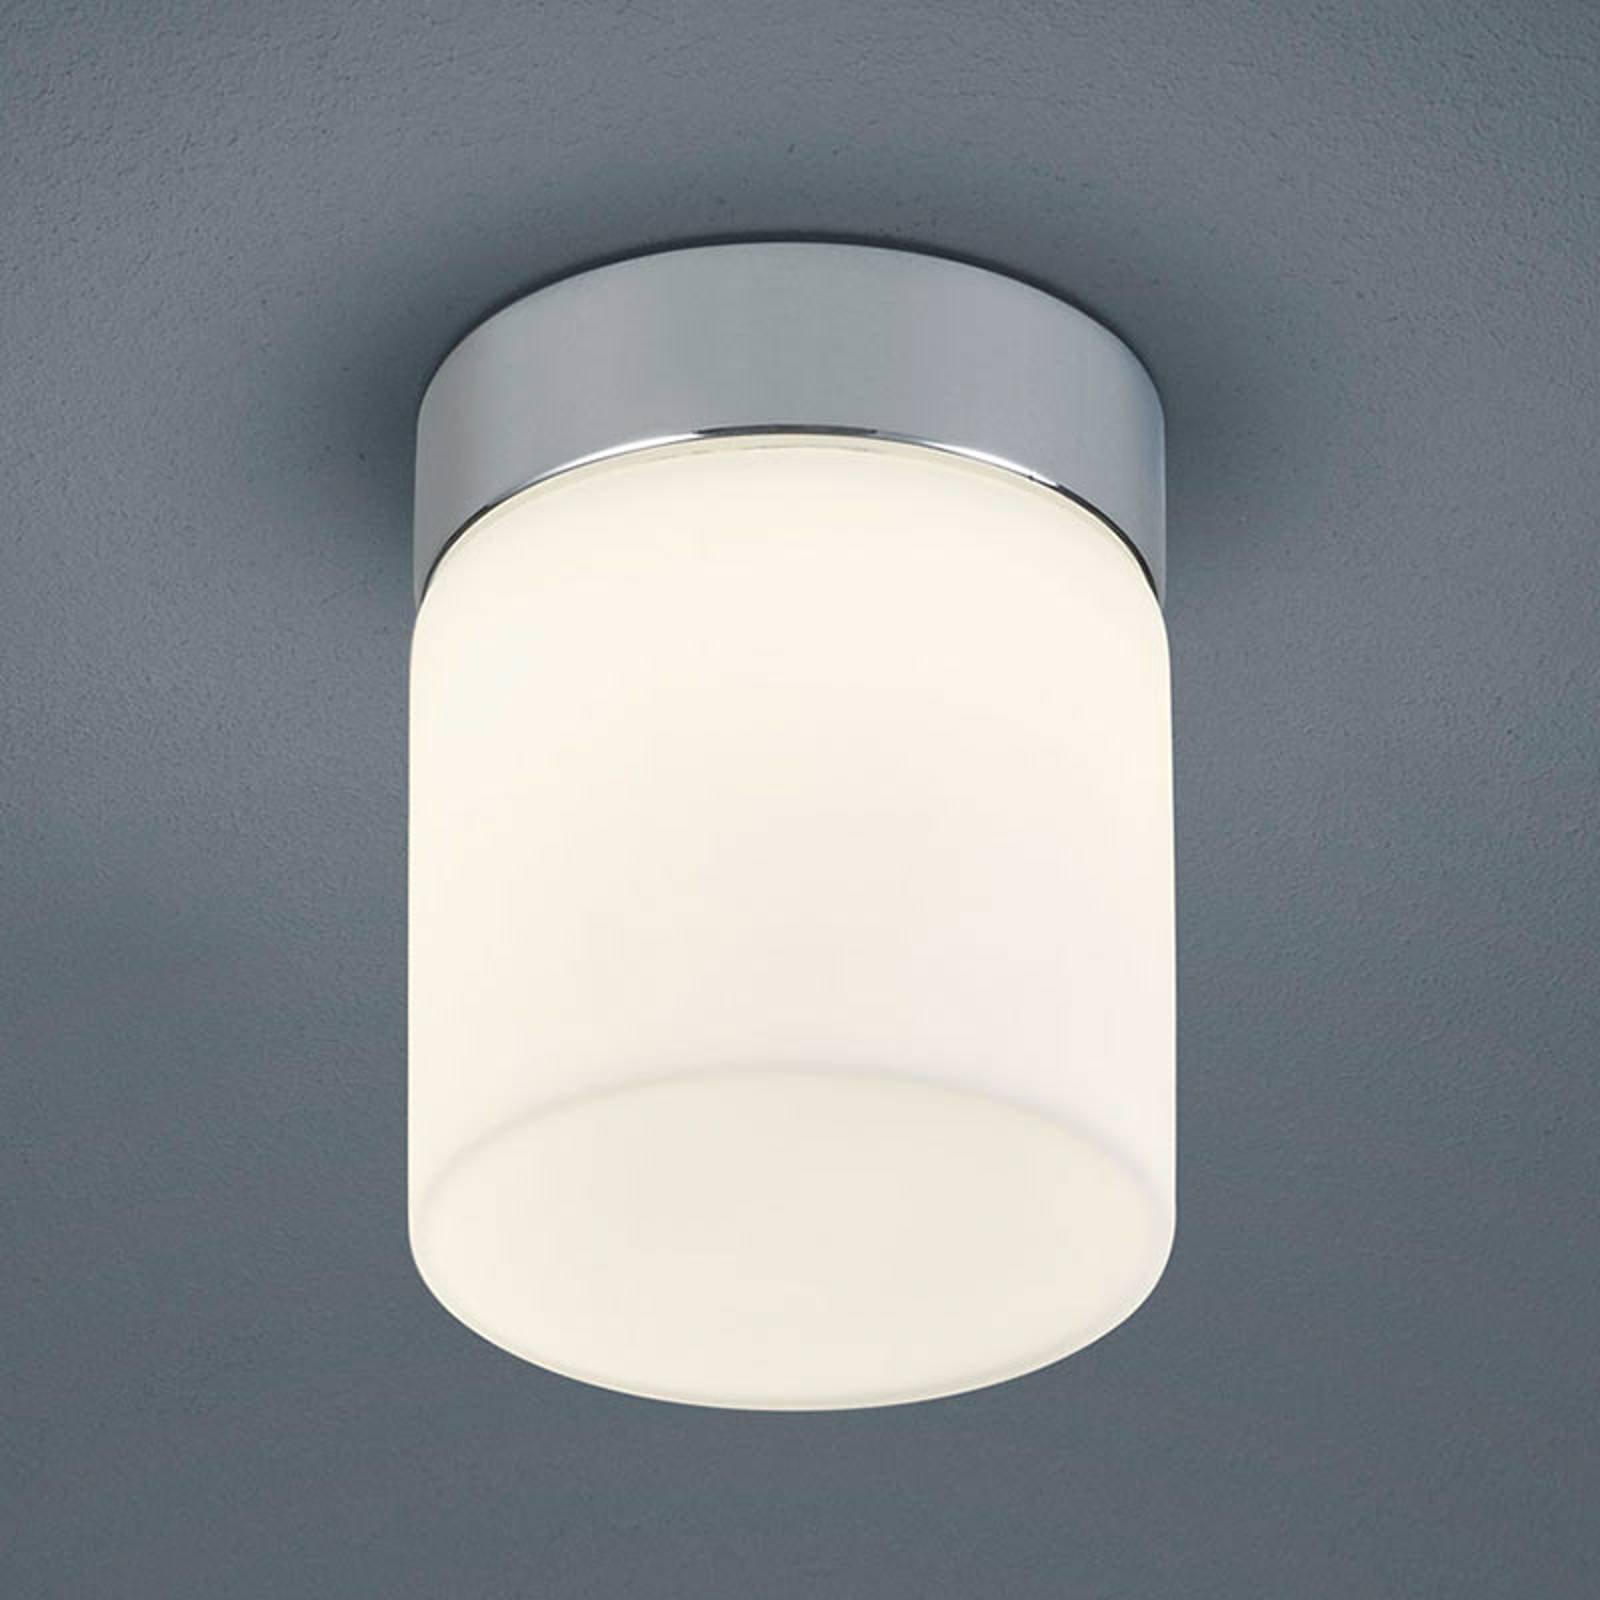 Helestra Keto – LED-taklampe til bad, sylinder